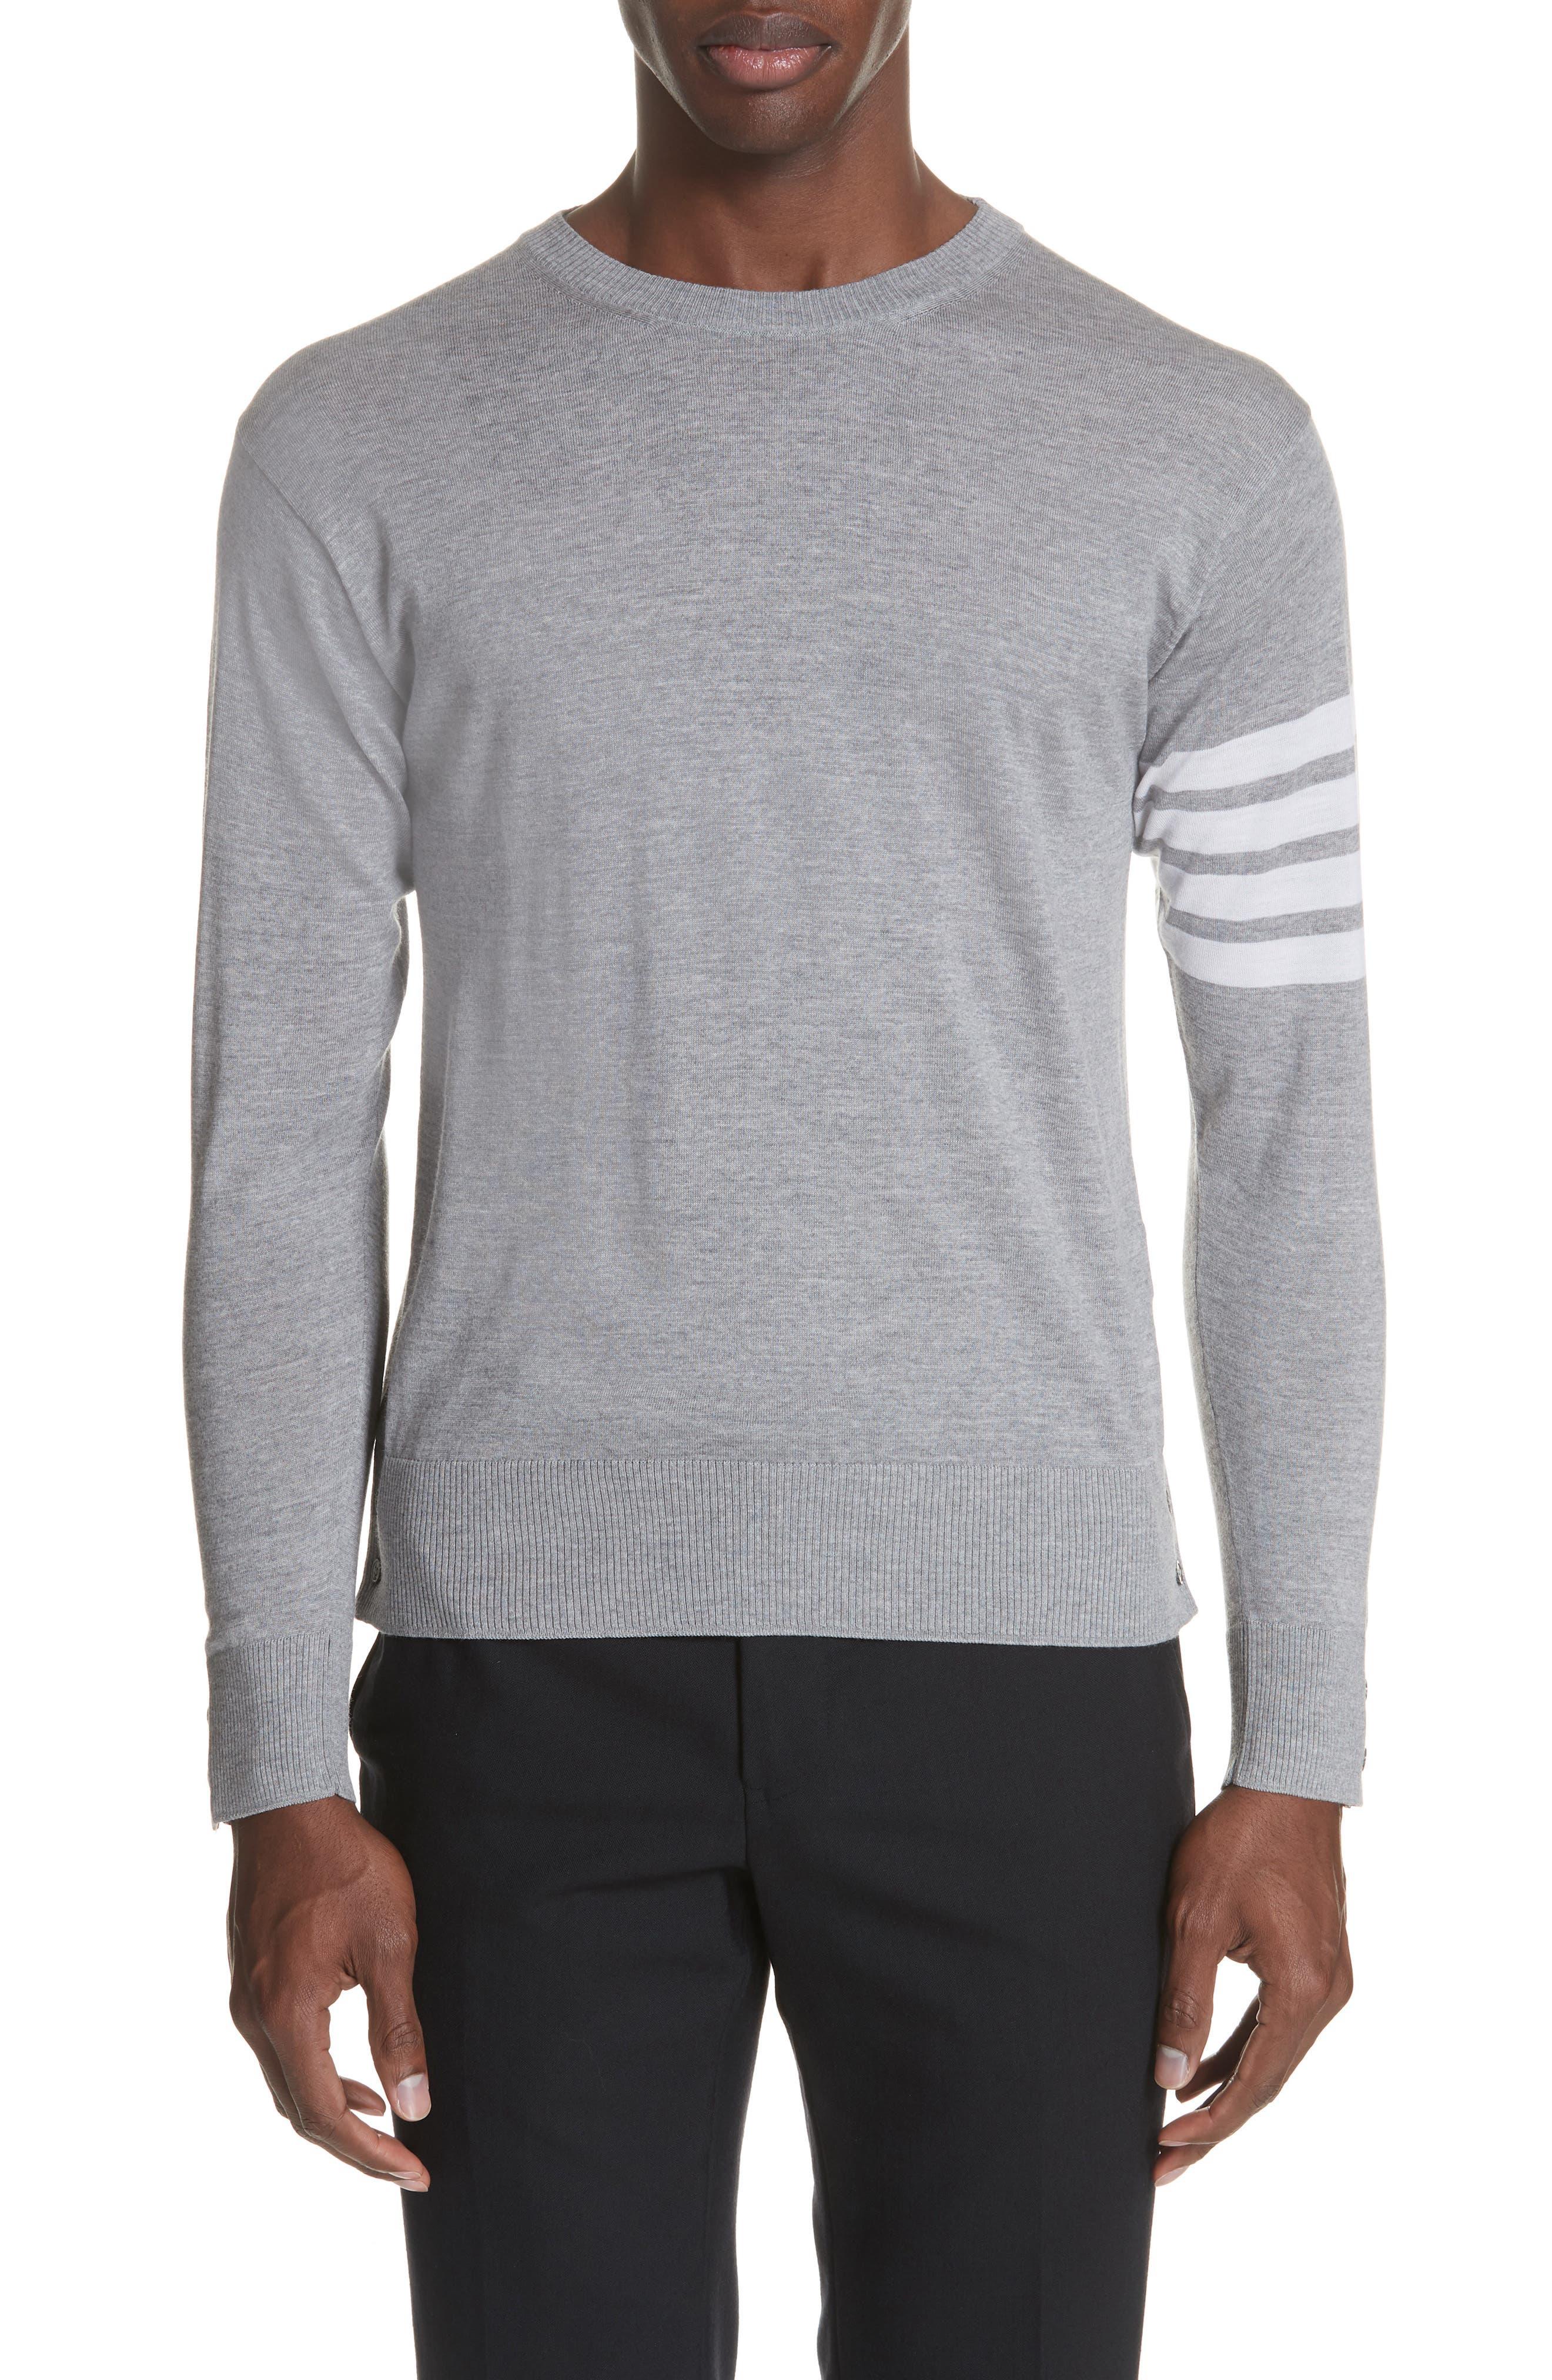 Merino Wool Pullover,                         Main,                         color, Light Grey